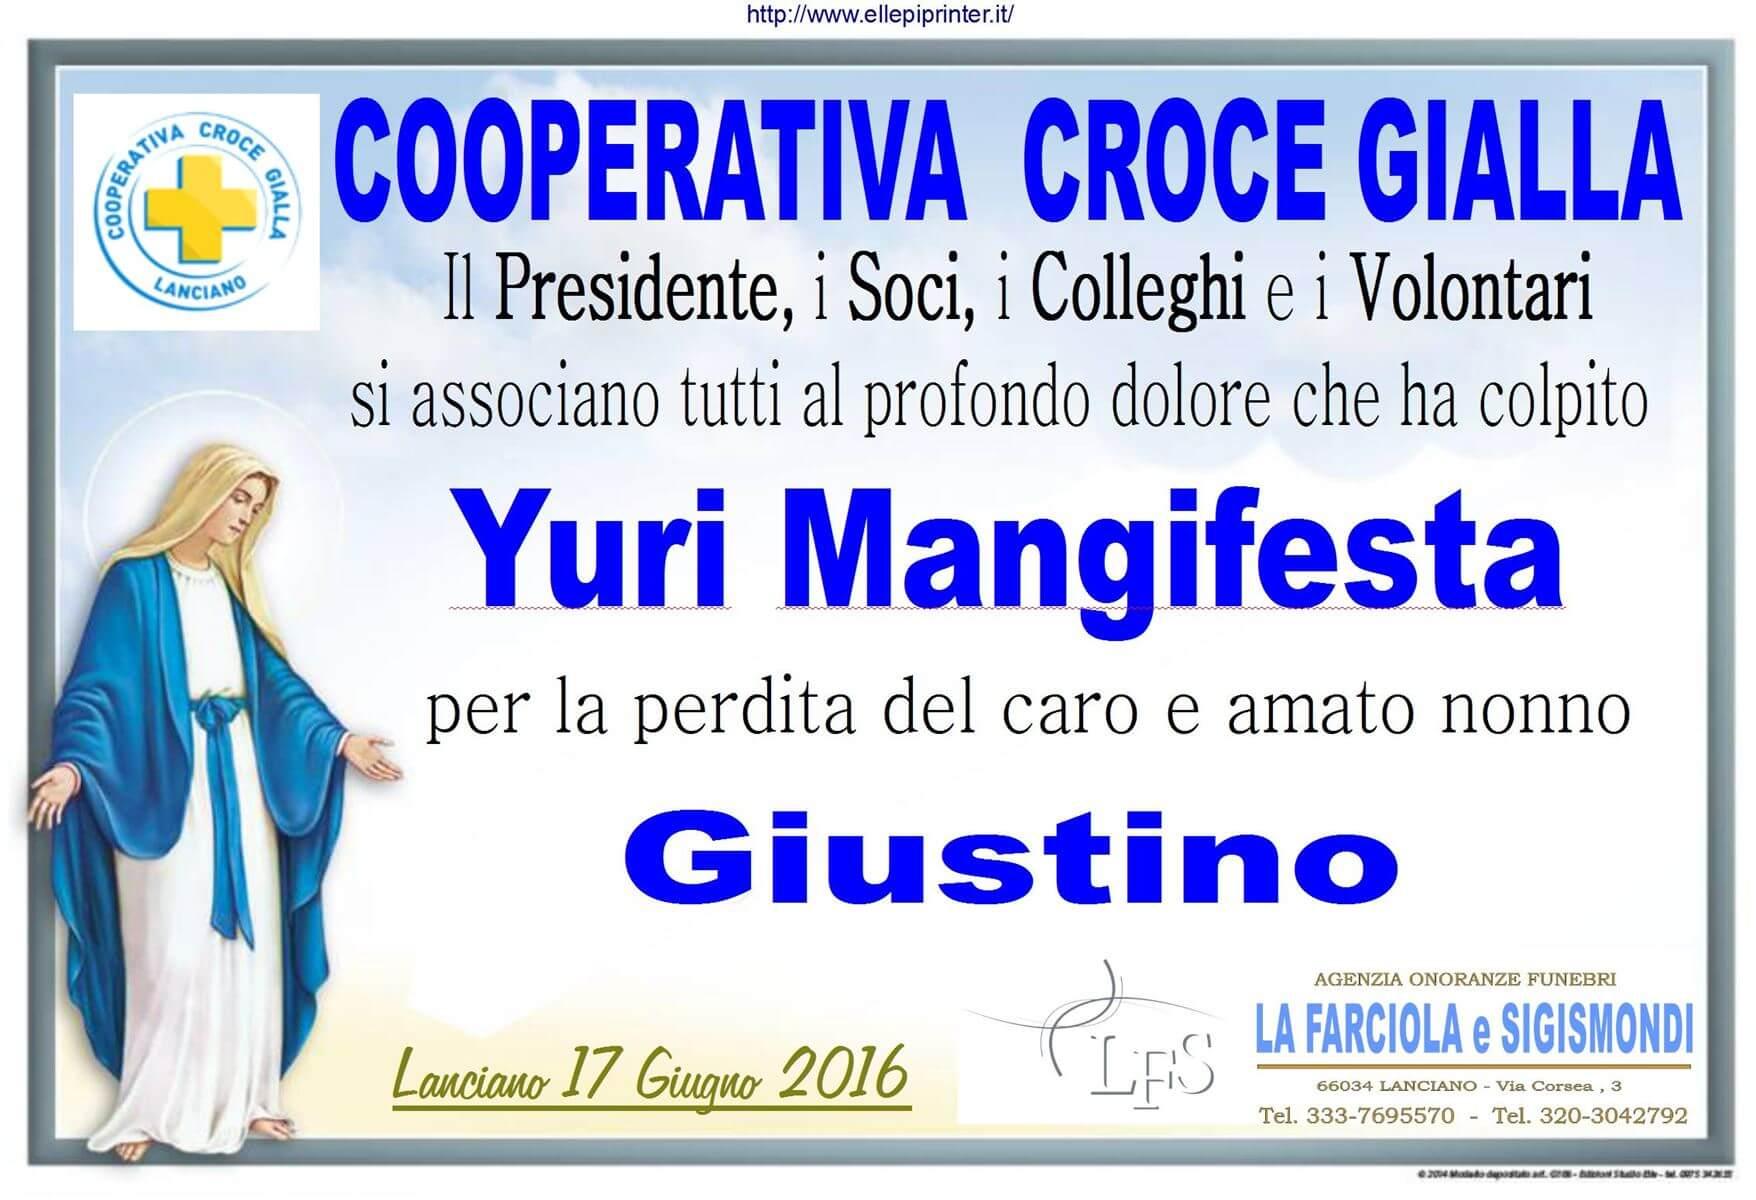 PARTECIPAZIONE CROCE GIALLA 17.6.2016